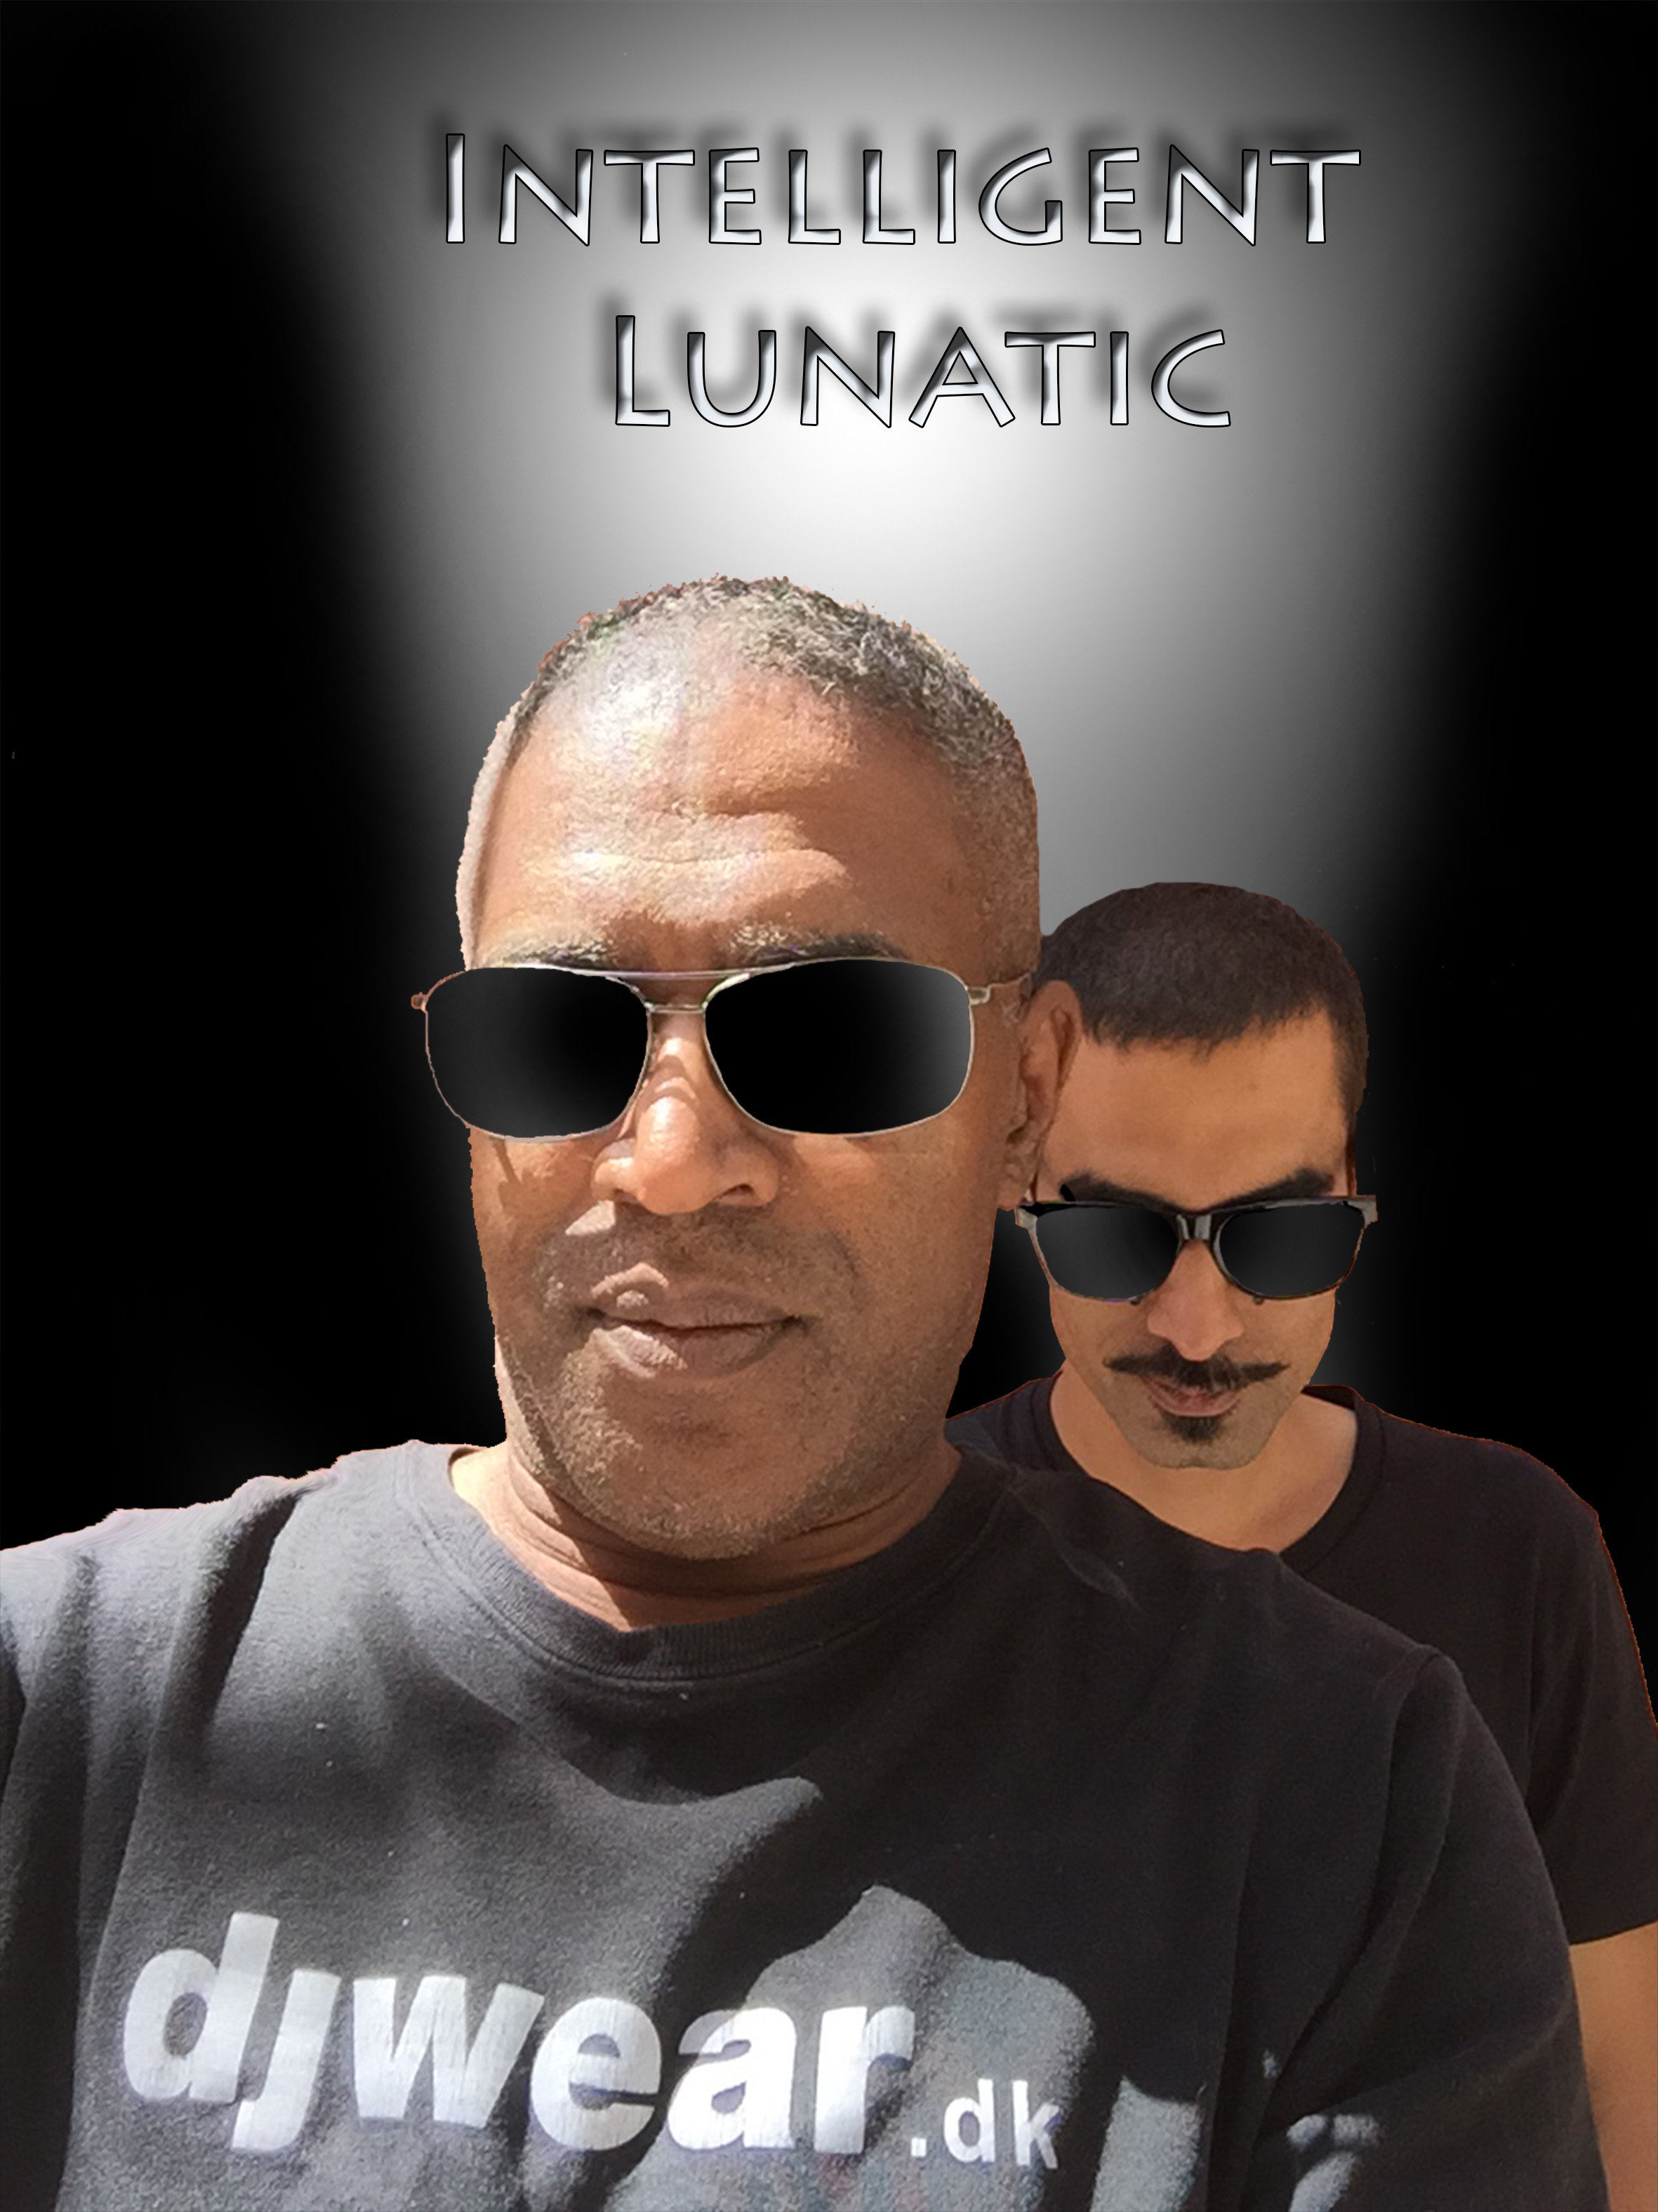 Intelligent Lunatic